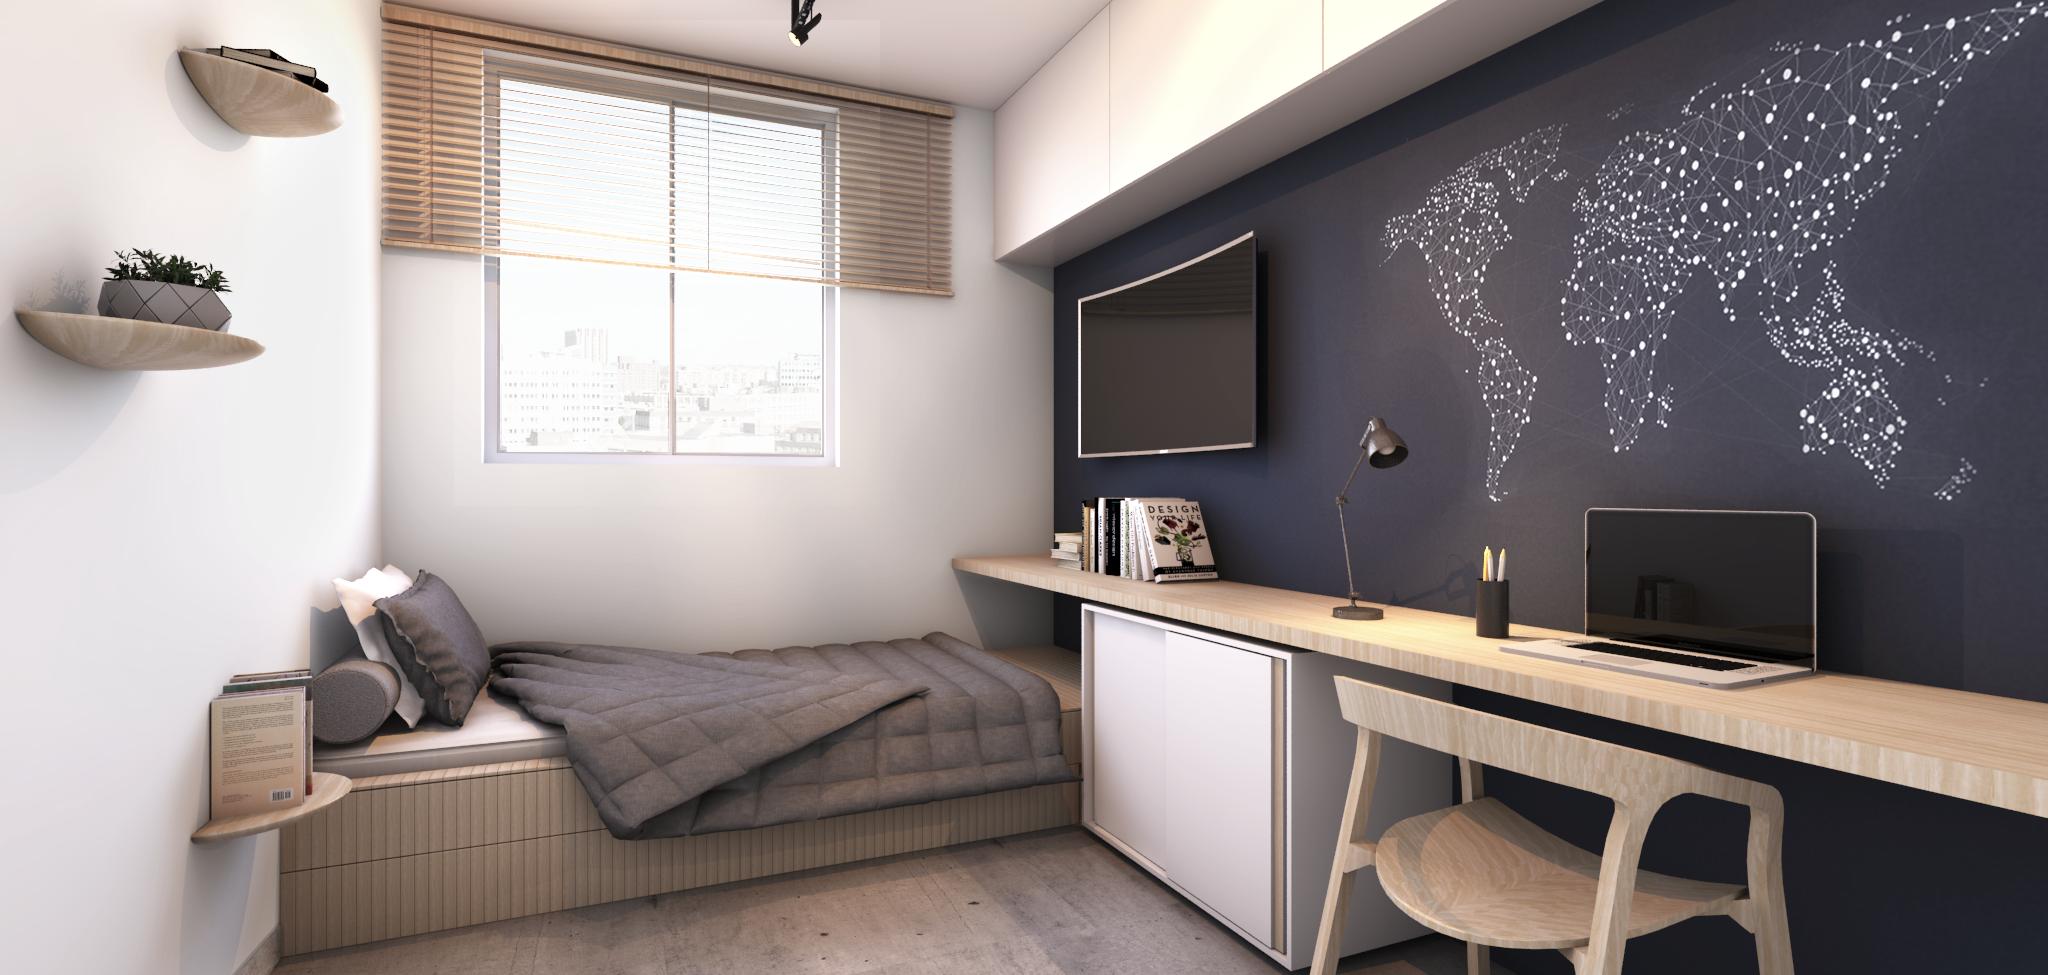 Apartamento AIMBERÊ HUS Arquitetos interior bedroom